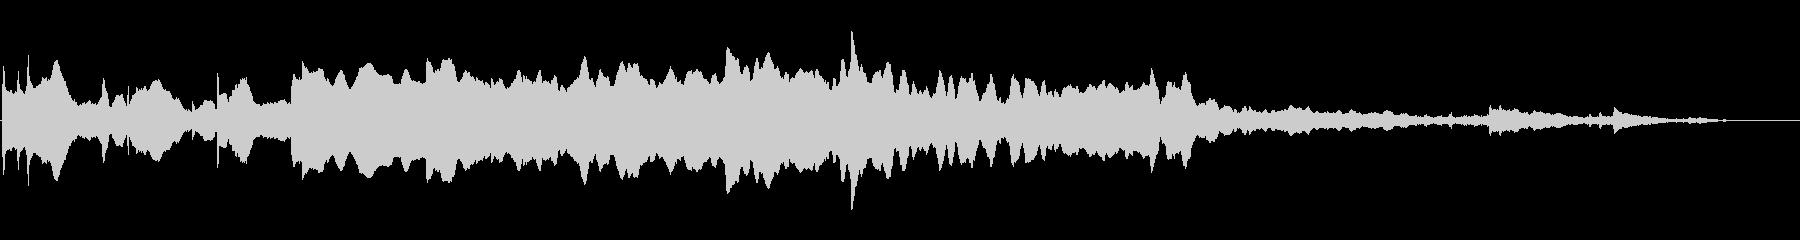 何かを発見、または思い出したような音の未再生の波形